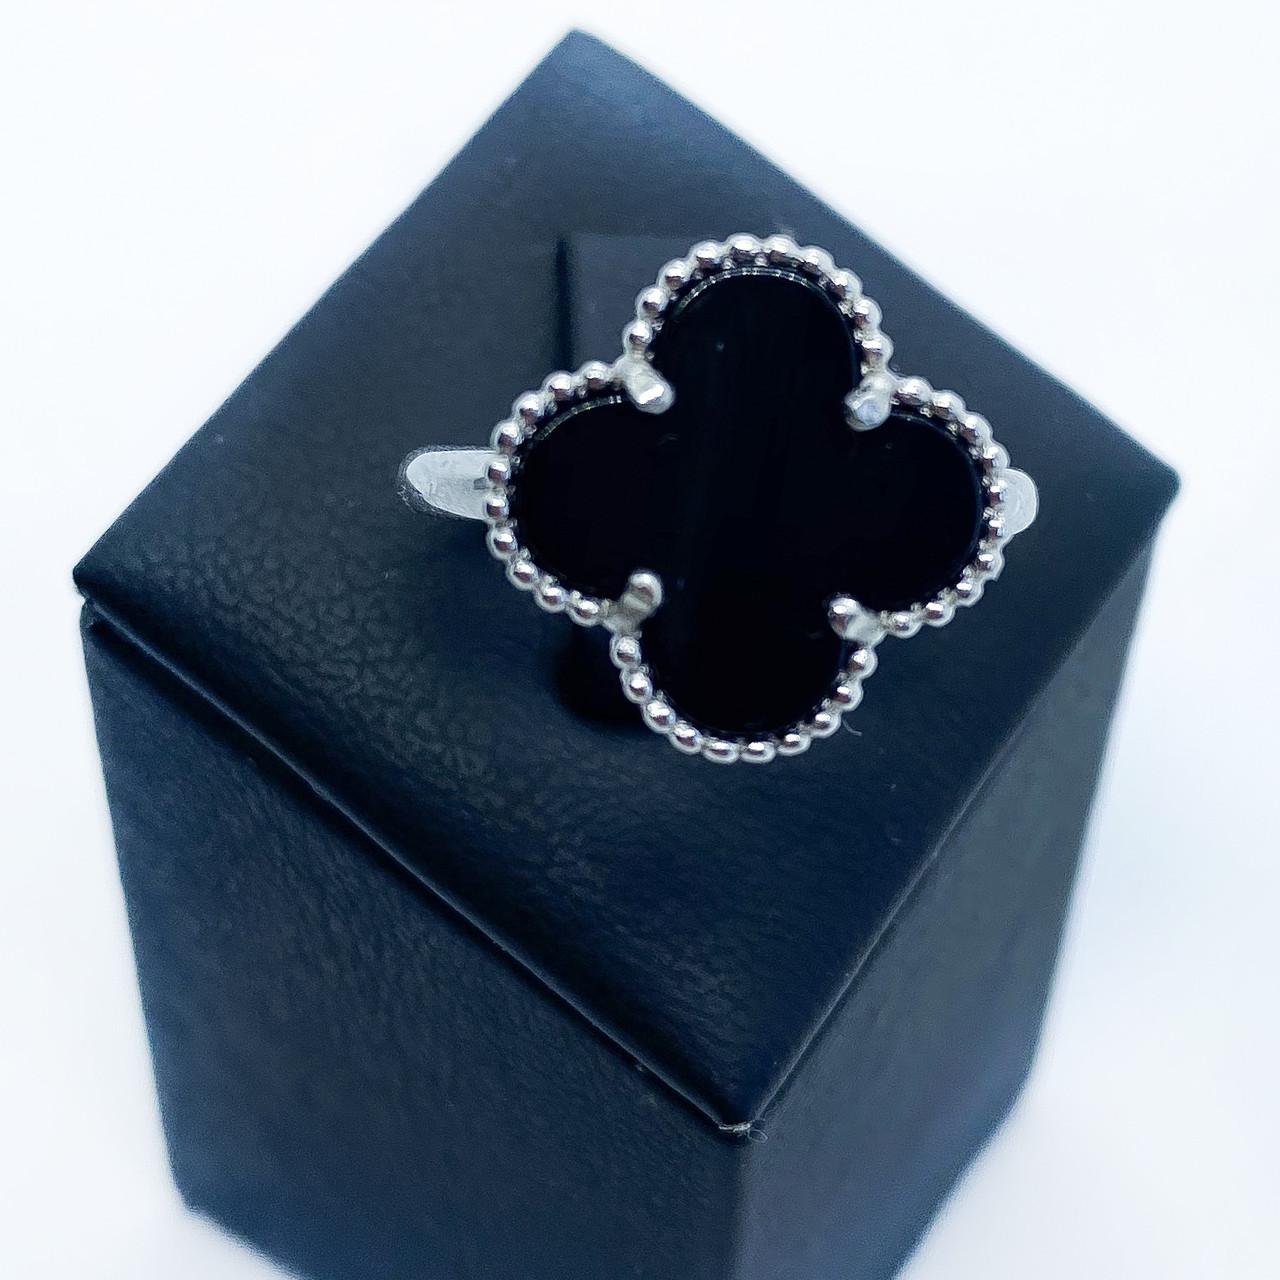 Кольцо из серебра 925 Beauty Bar в стиле Van Cleef с ониксом (размеры 17 -17,5 мм)